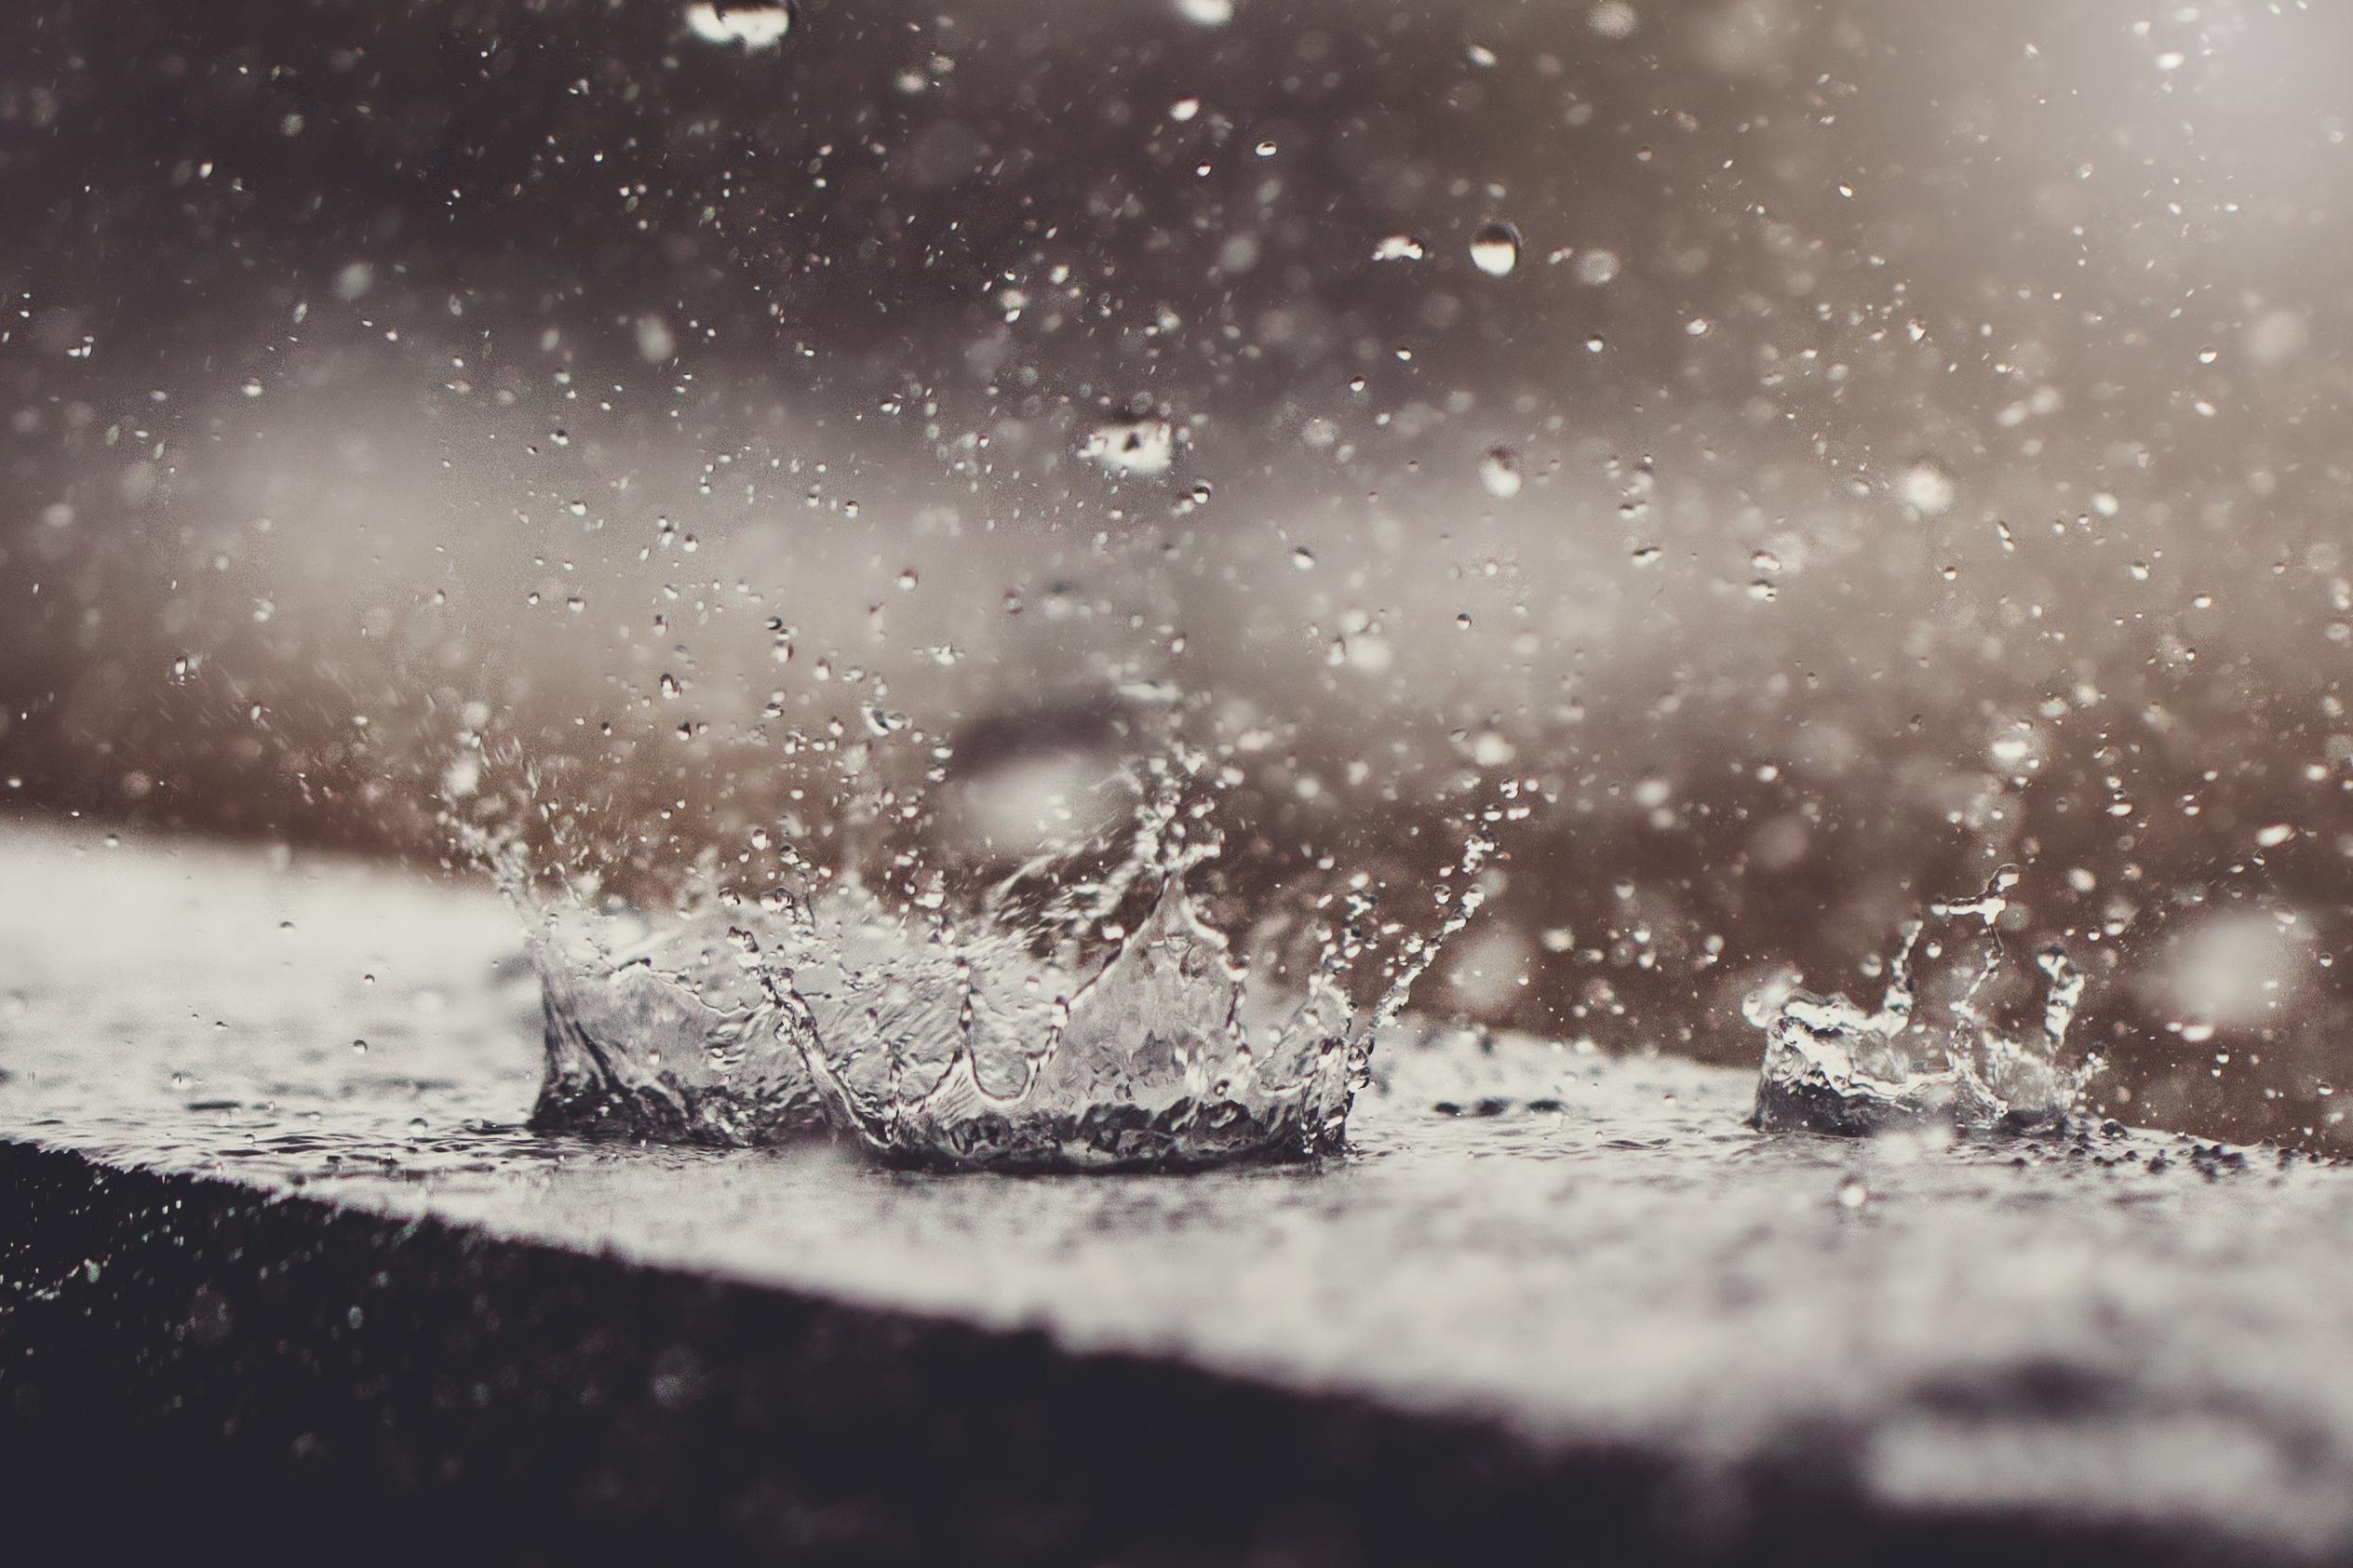 Rain drops splashing.